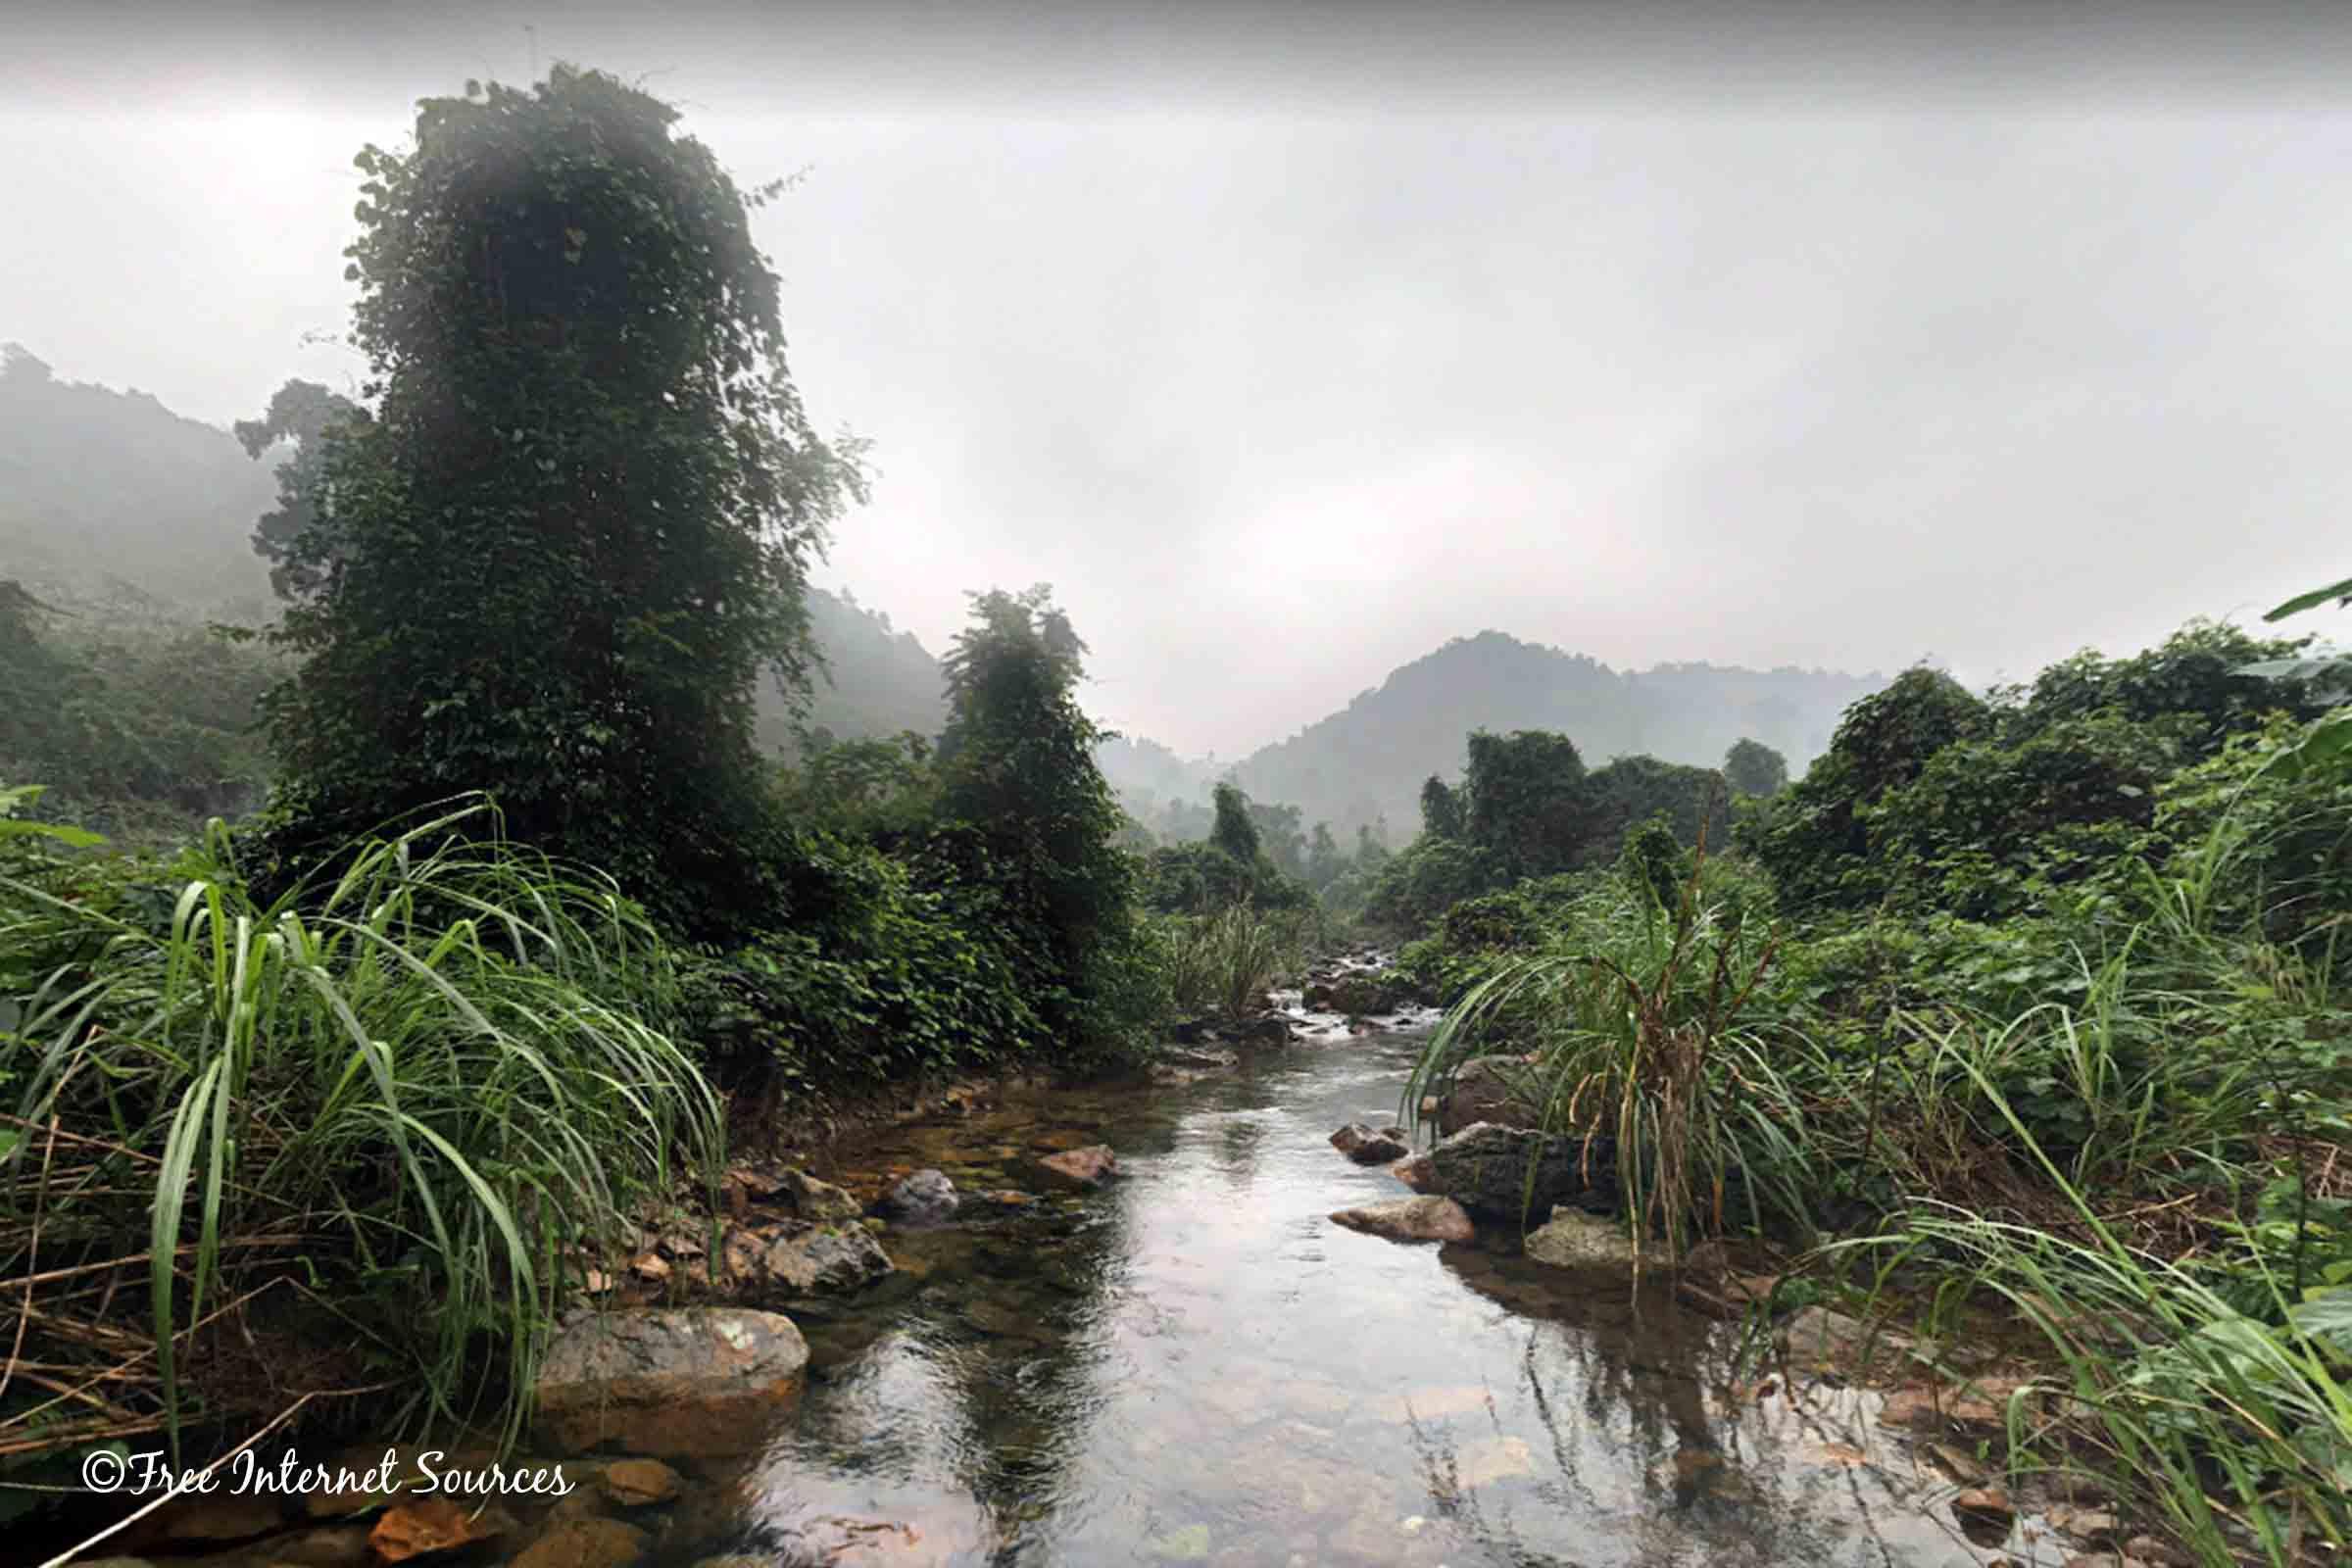 Son River Stream, Phong Nha-Ke Bang National Park, Vietnam. Photo by Magdalena Szubska